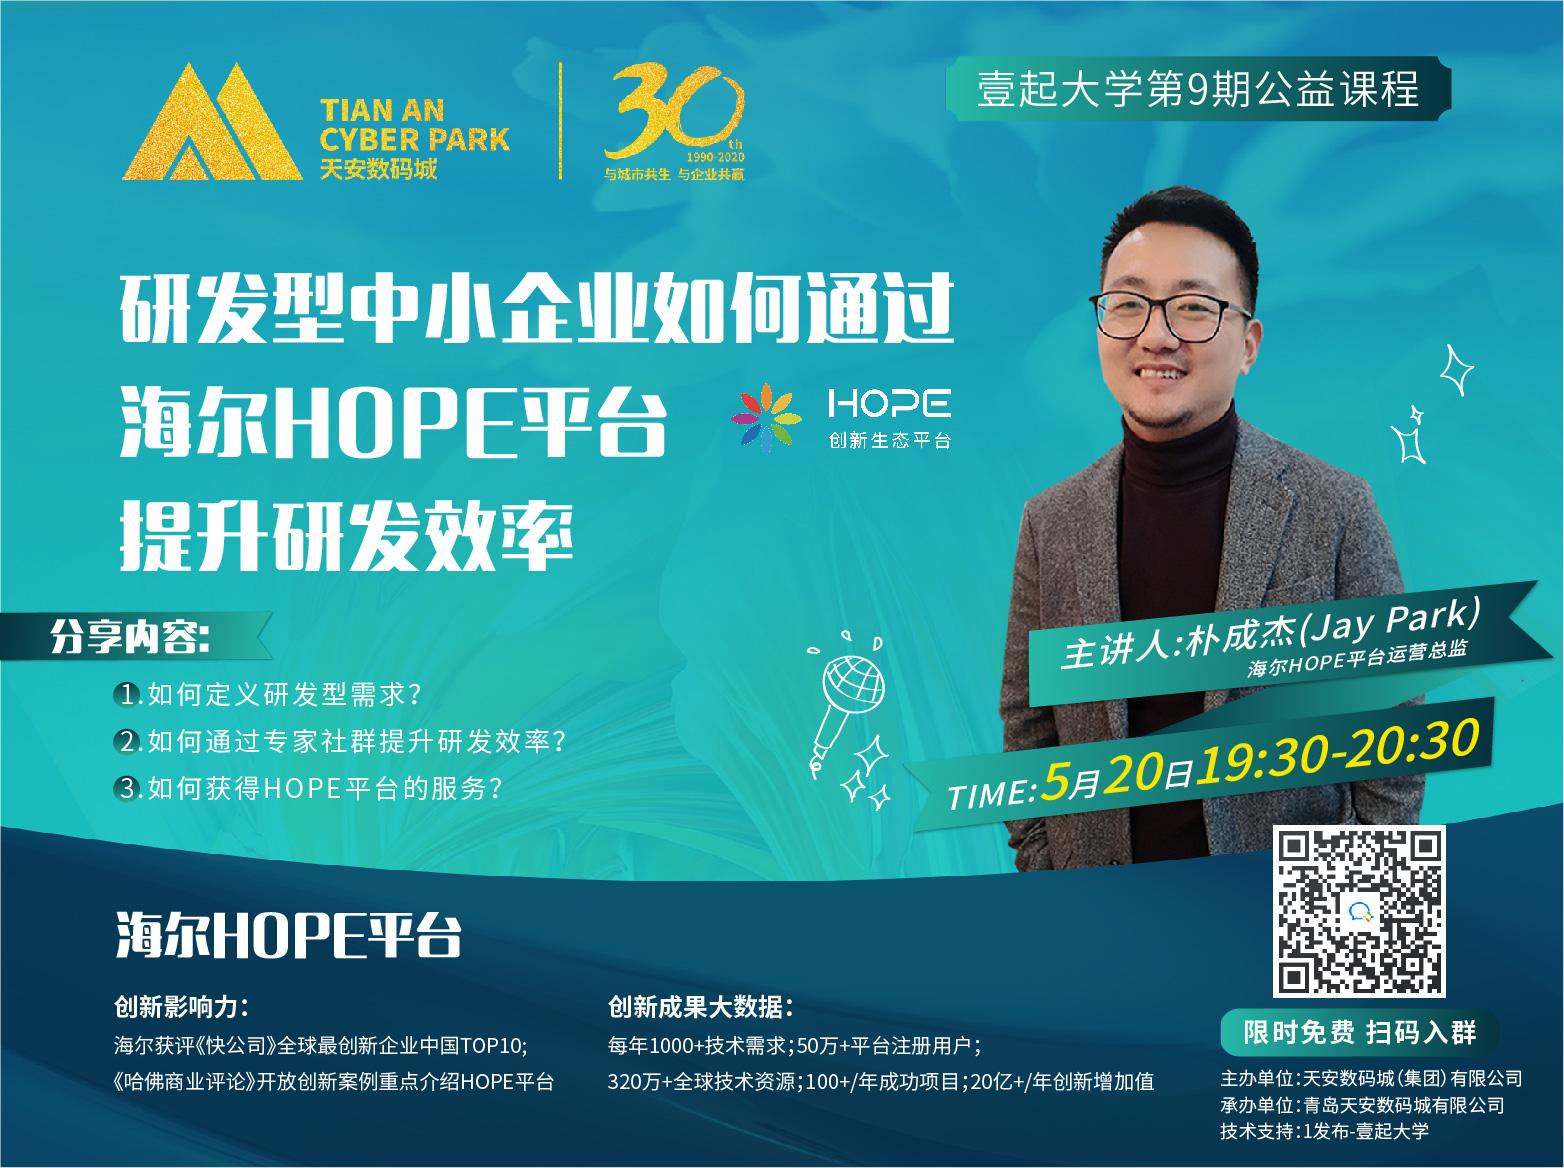 研发型中小企业如何通过海尔HOPE平台提升研发效率